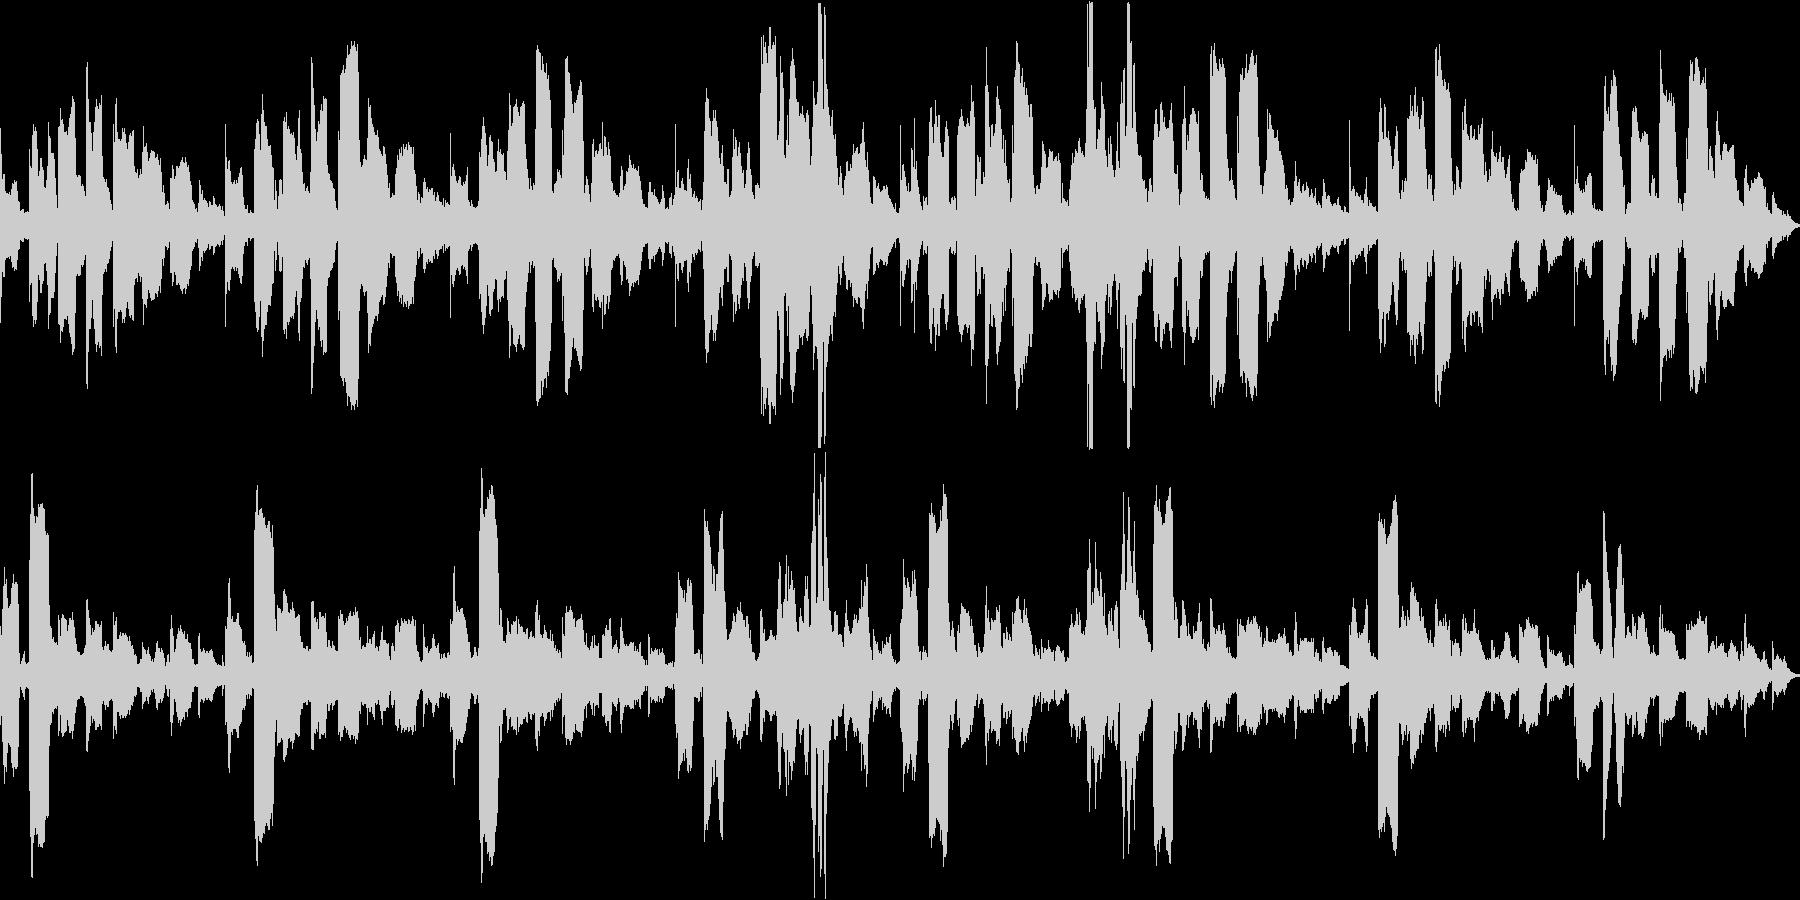 不安定なリコーダーと子供の笑い声のループの未再生の波形